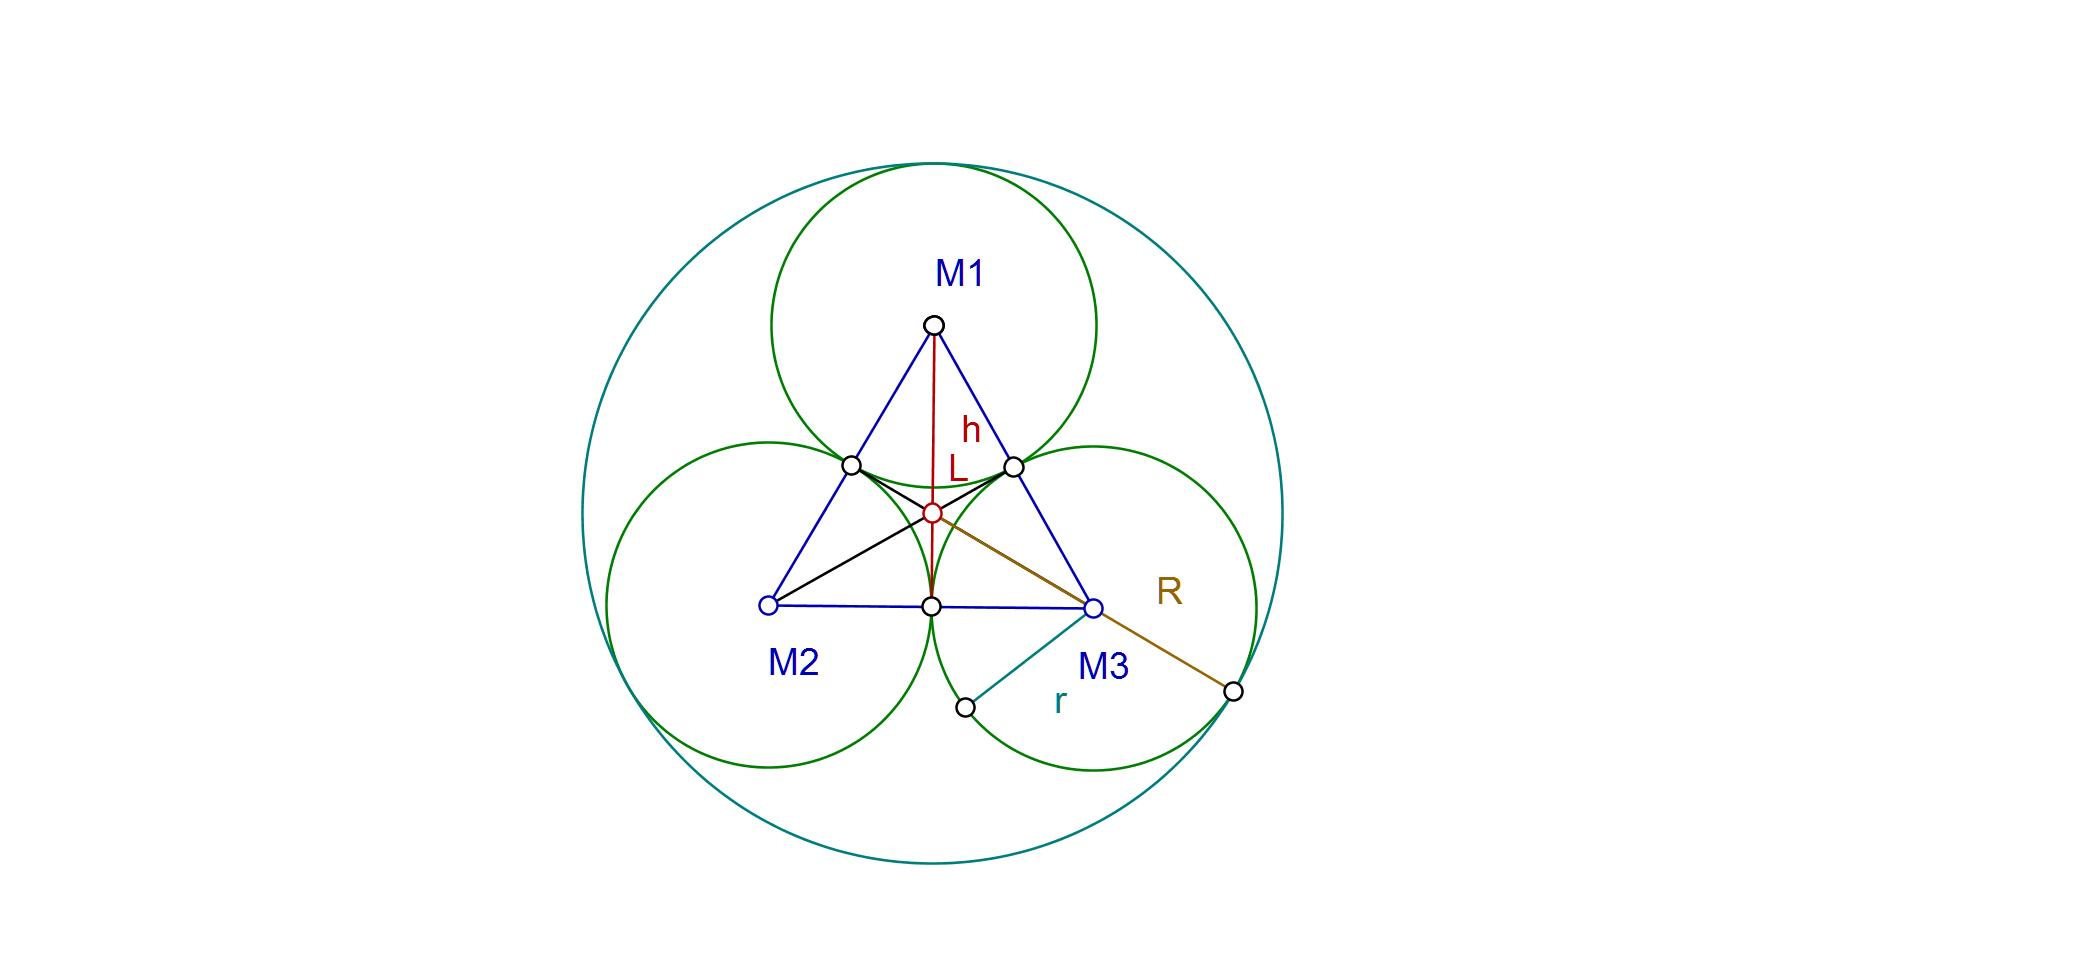 berechnen sie den radius r der kleineren kreise ? (mathe, mathematik)